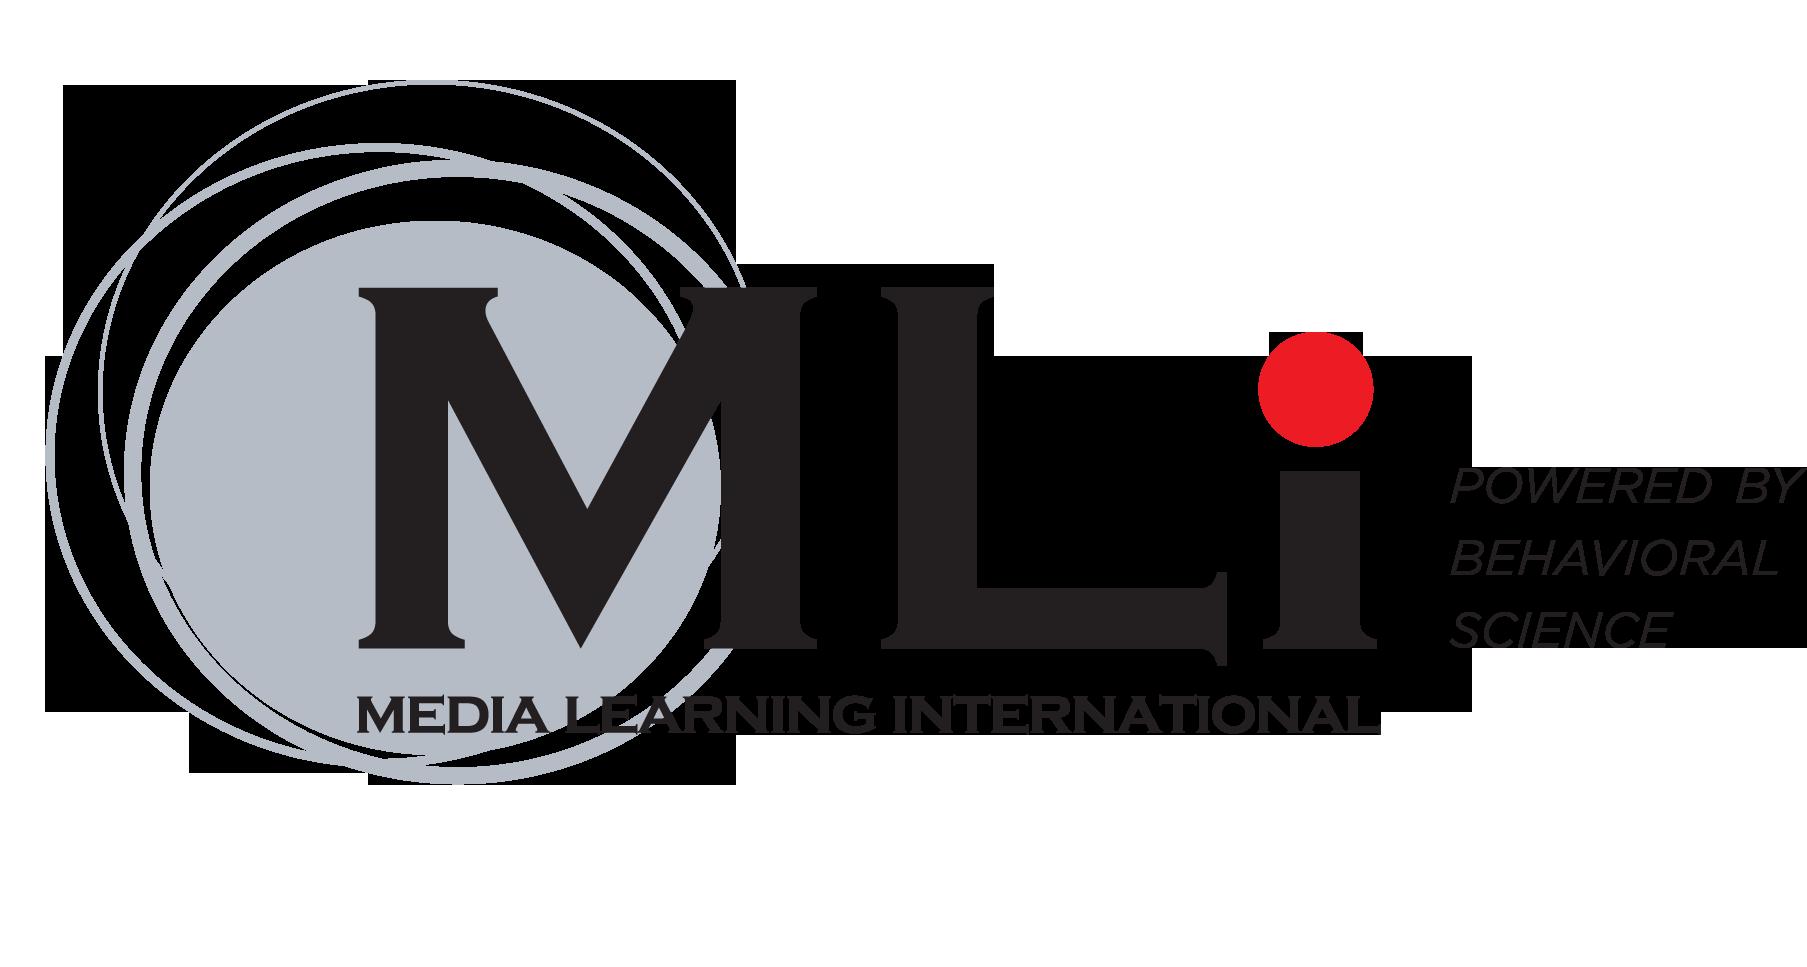 Learning Communications - learncom.com